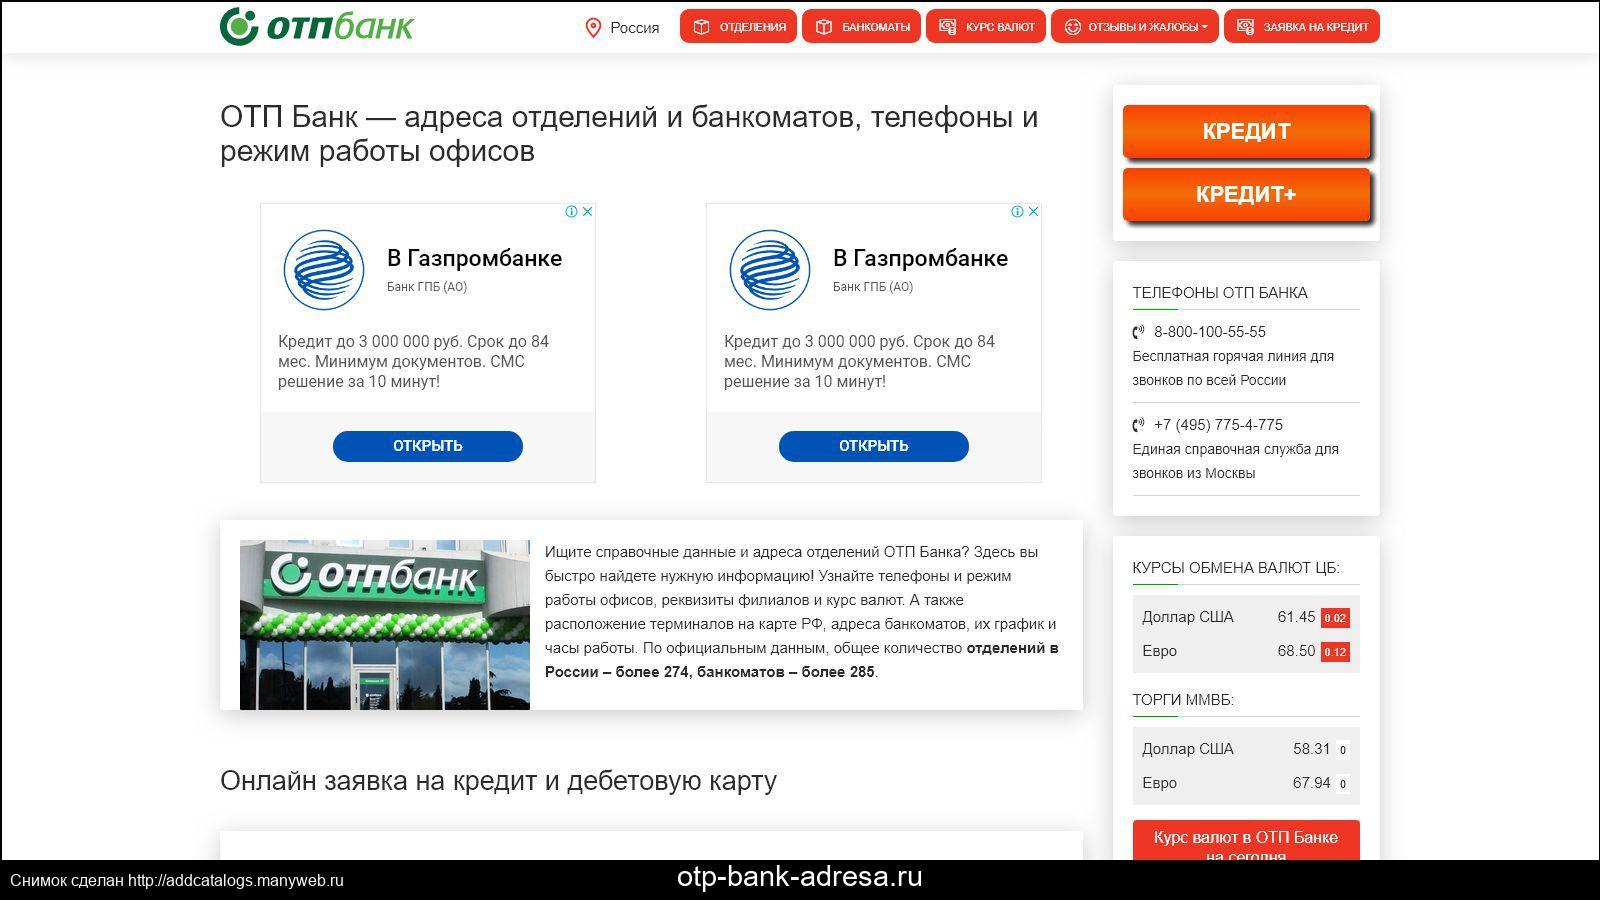 Отп банк в красноярске  - адреса головного офиса красноярска, телефоны и официальный сайт | банки.ру